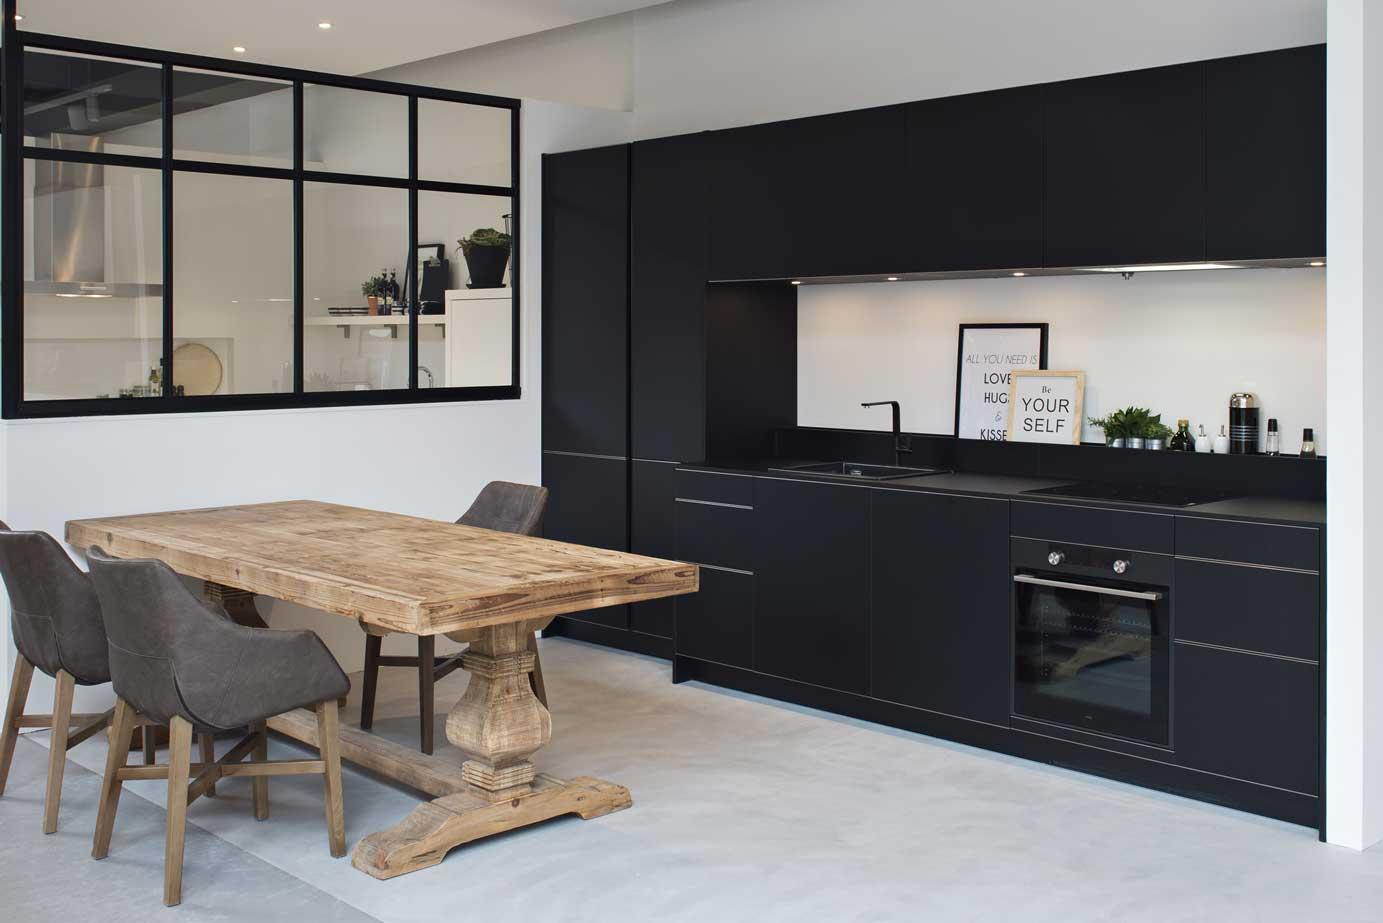 Ultra Moderne Keukens : Luxe keukens vanaf euro ook maatwerk mogelijk adee